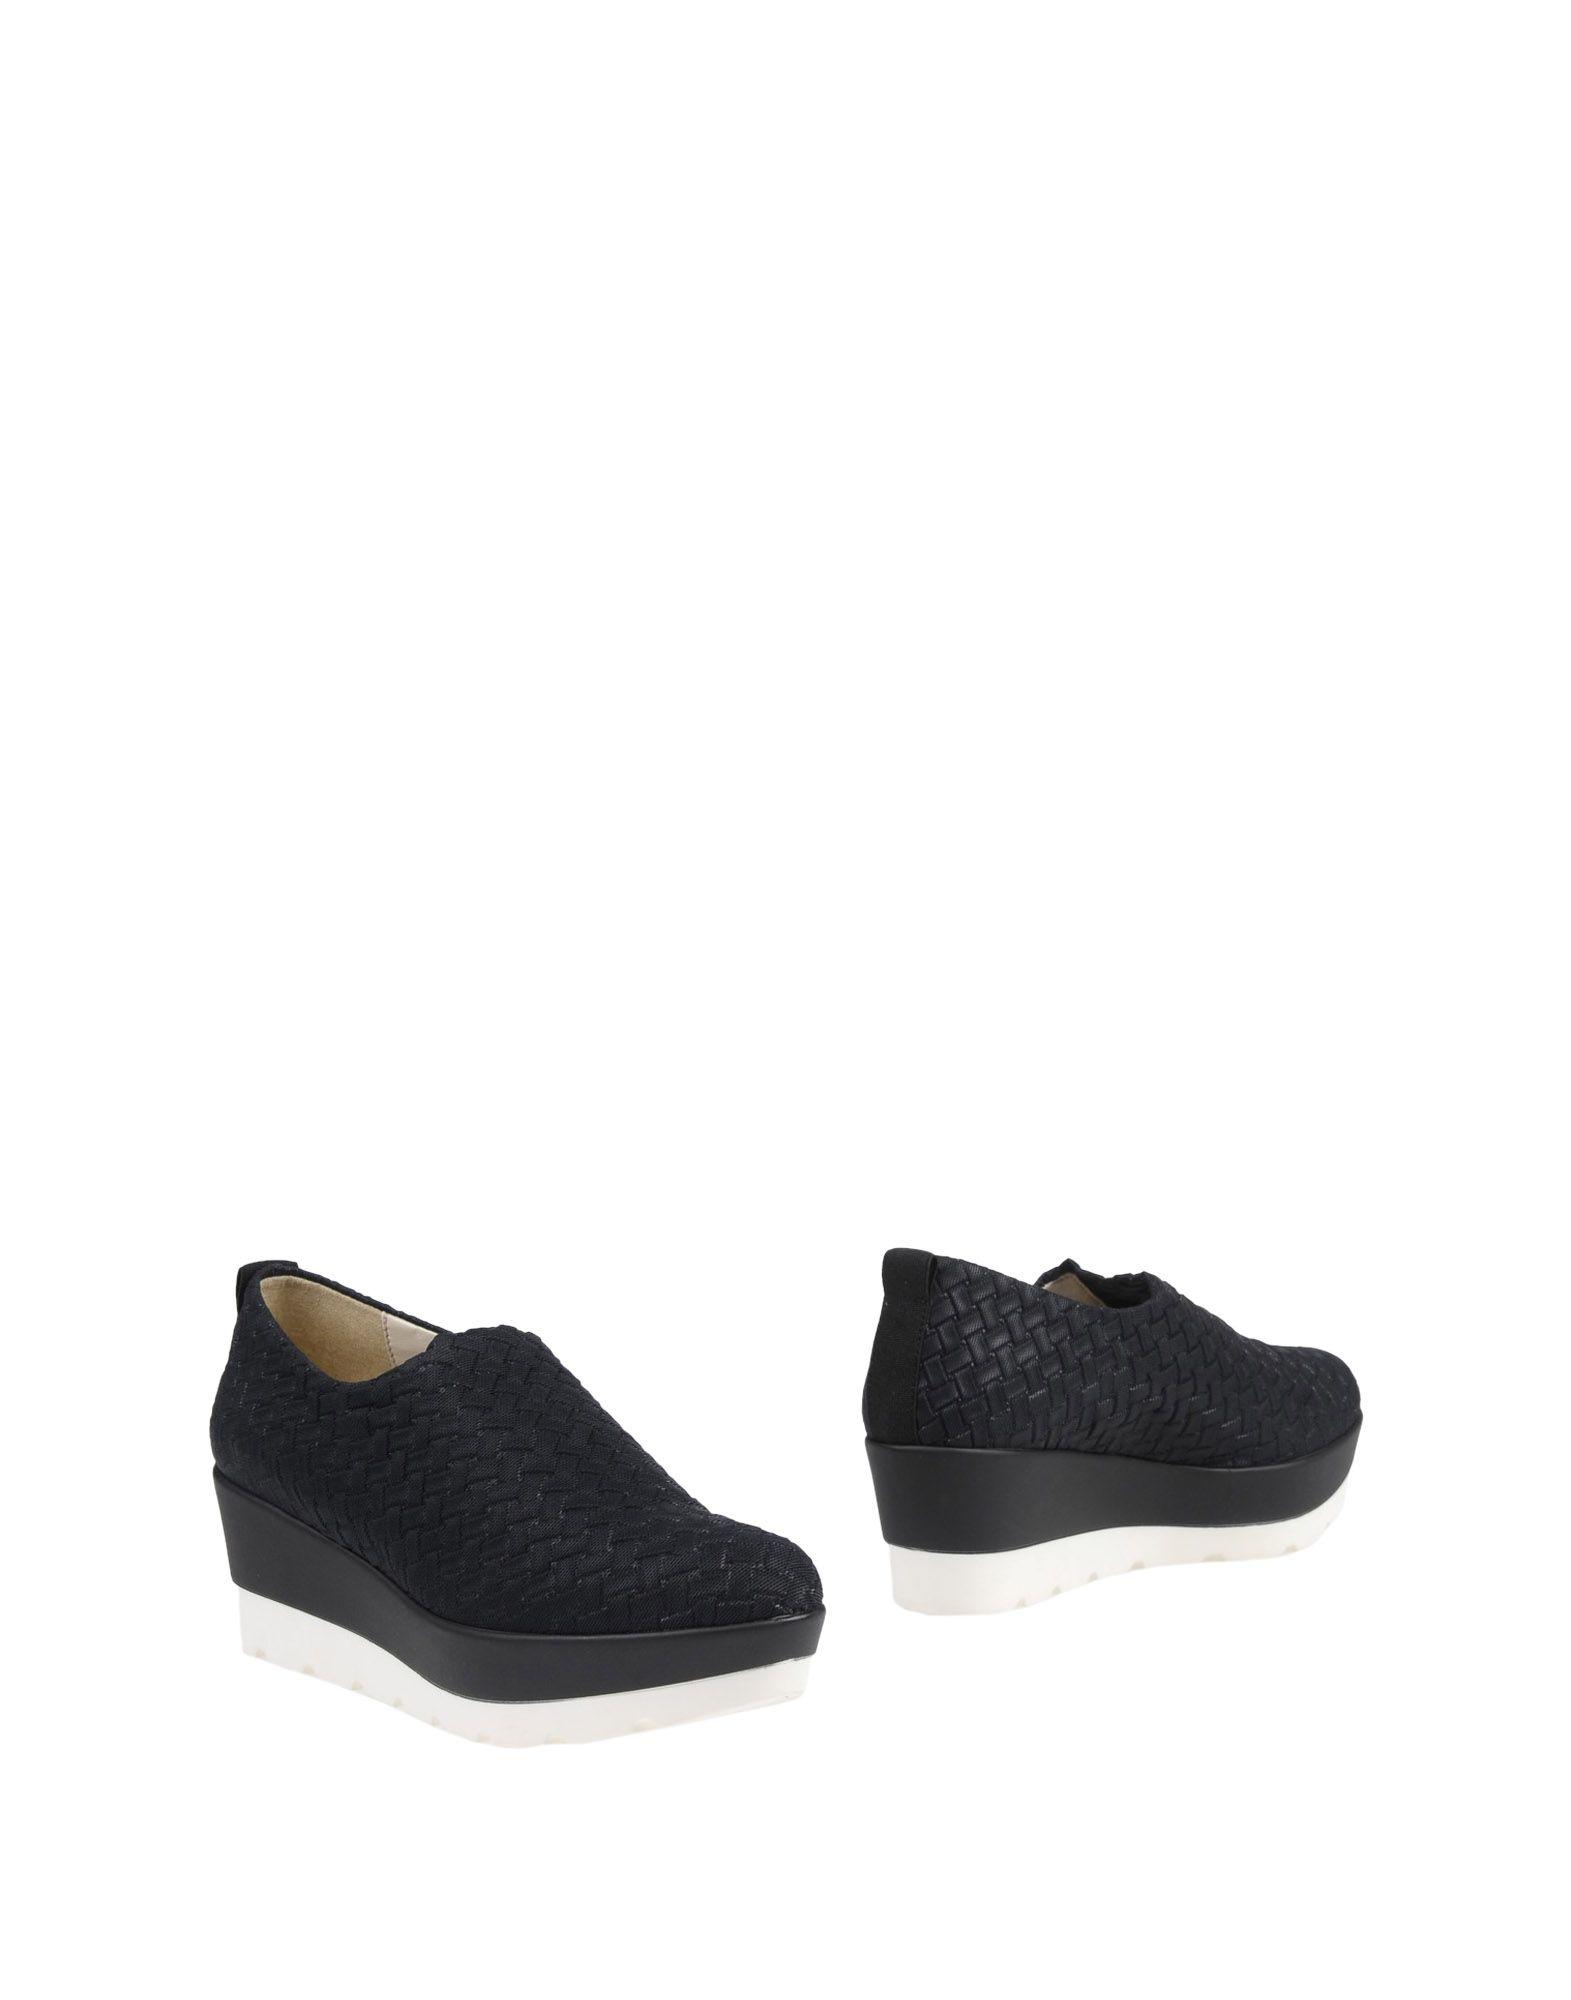 Nr Rapisardi Stiefelette Damen  11419006HF Gute Qualität beliebte Schuhe